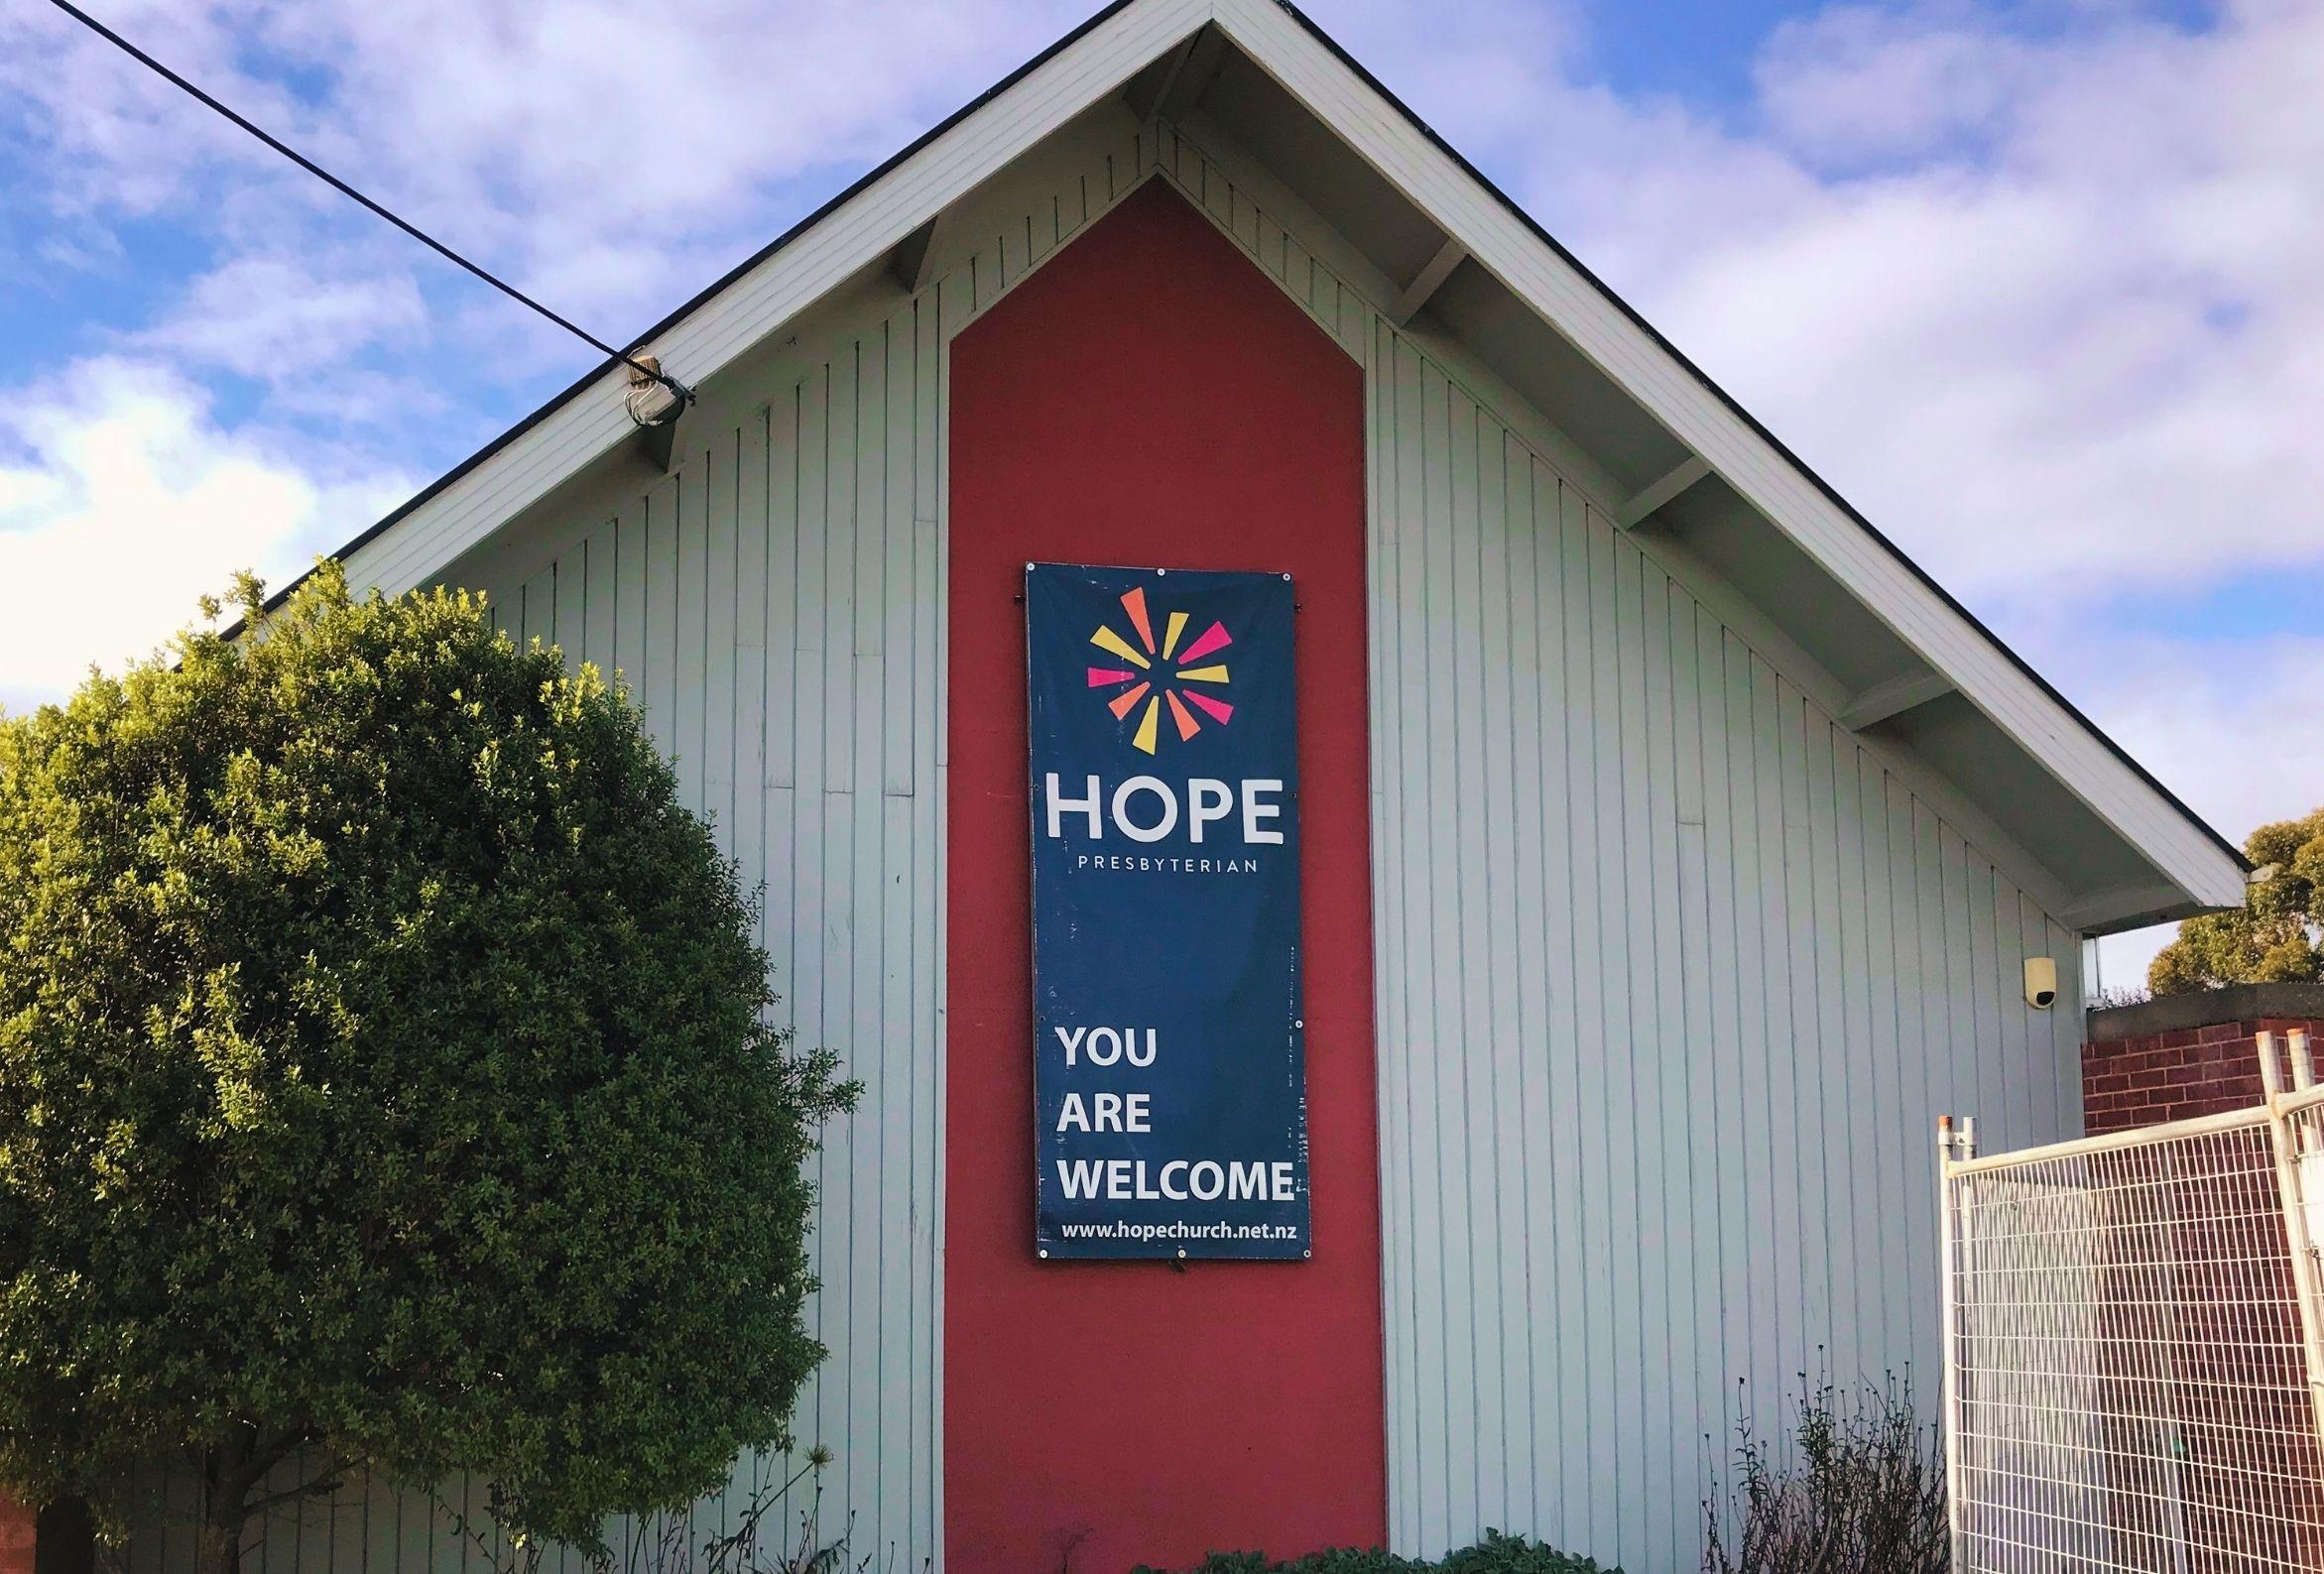 Hope West Melton